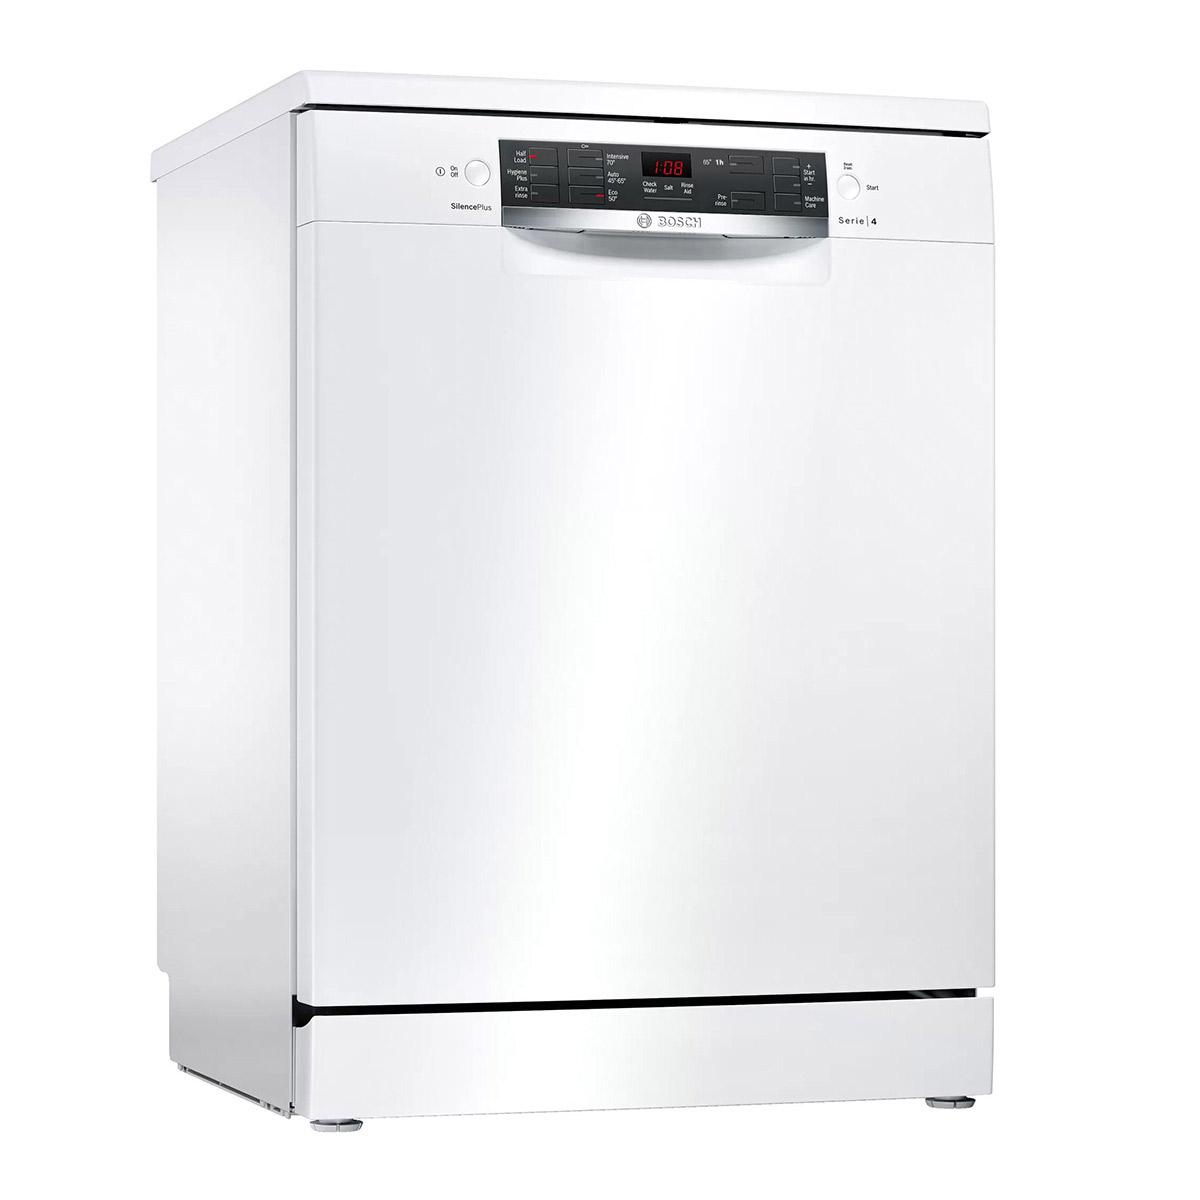 ظرفشویی بوش مدل sms45jw01b